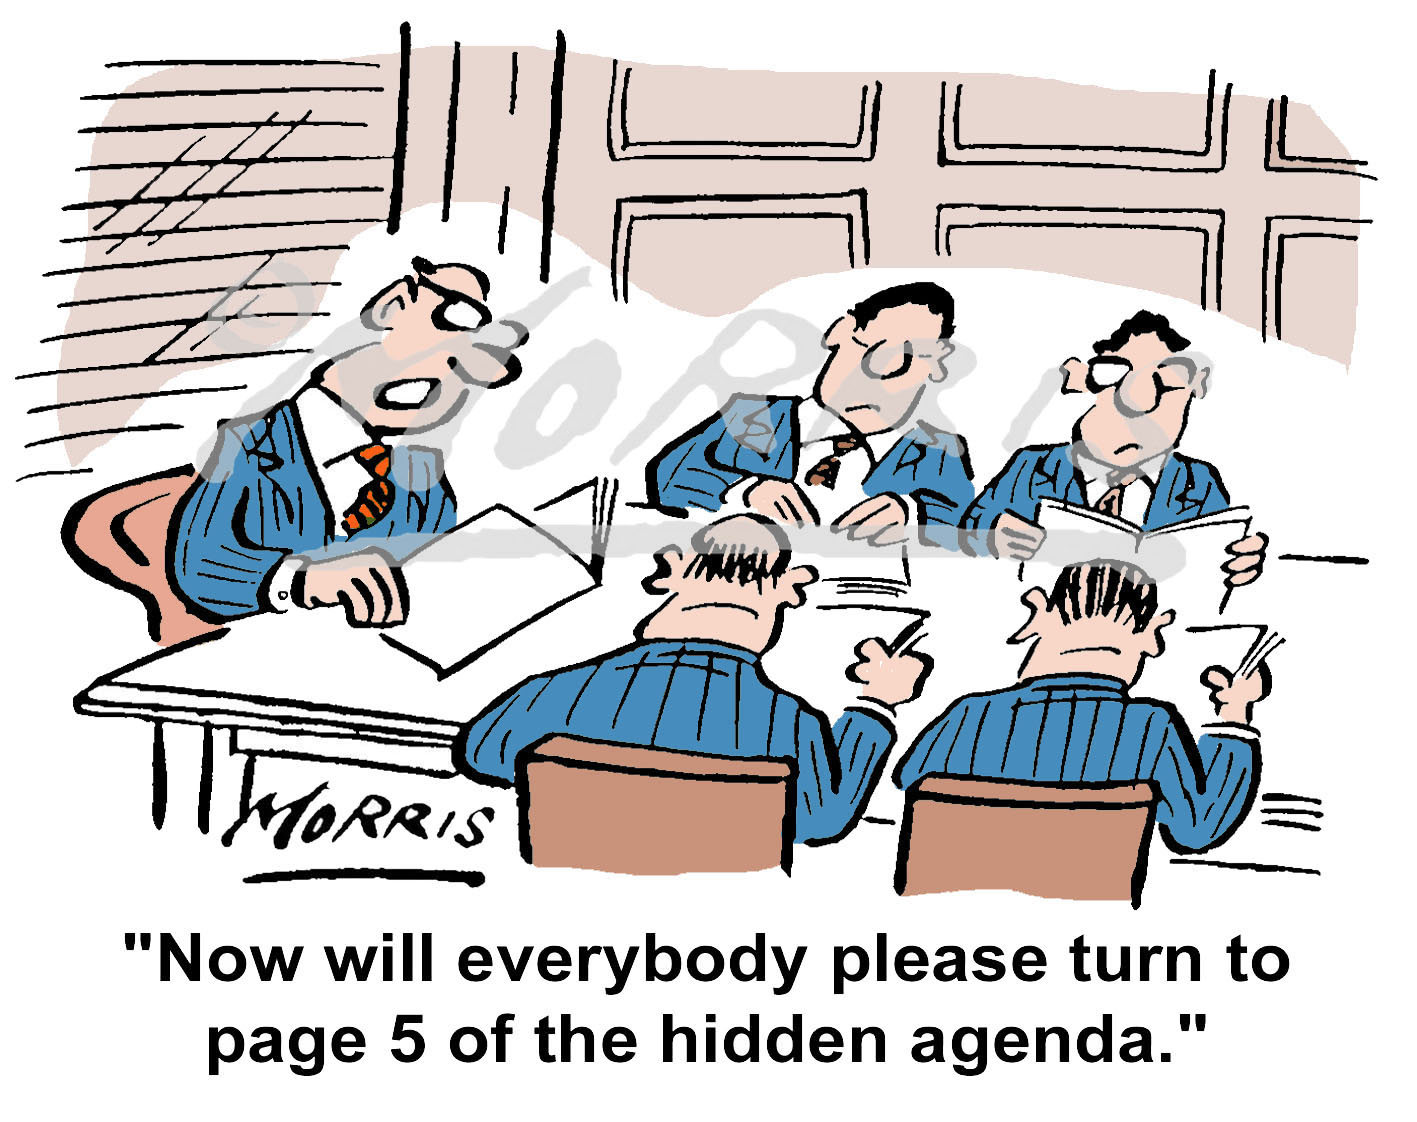 Boardroom Agenda Meeting cartoon – Ref: 3215col